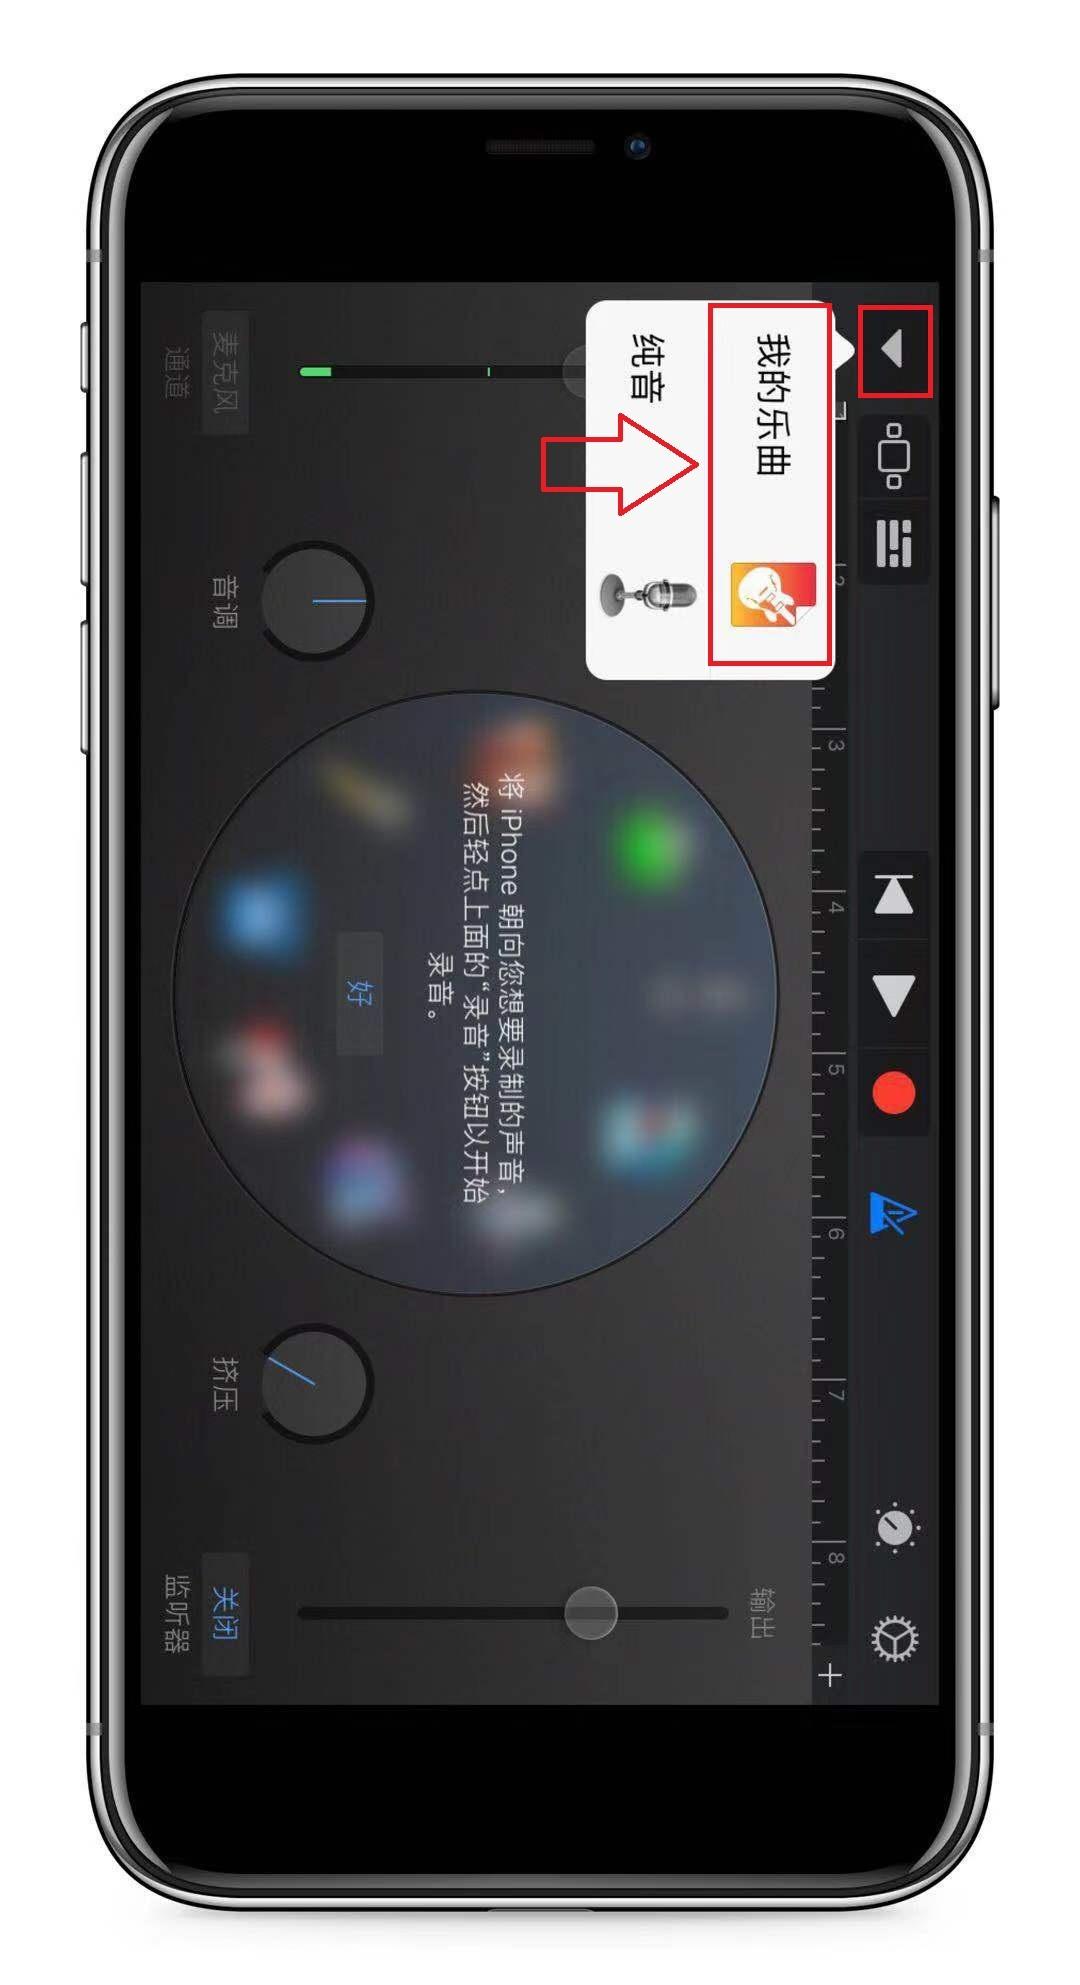 iPhone如何设置自定义铃声?无需连接电脑,轻松几步就搞定!